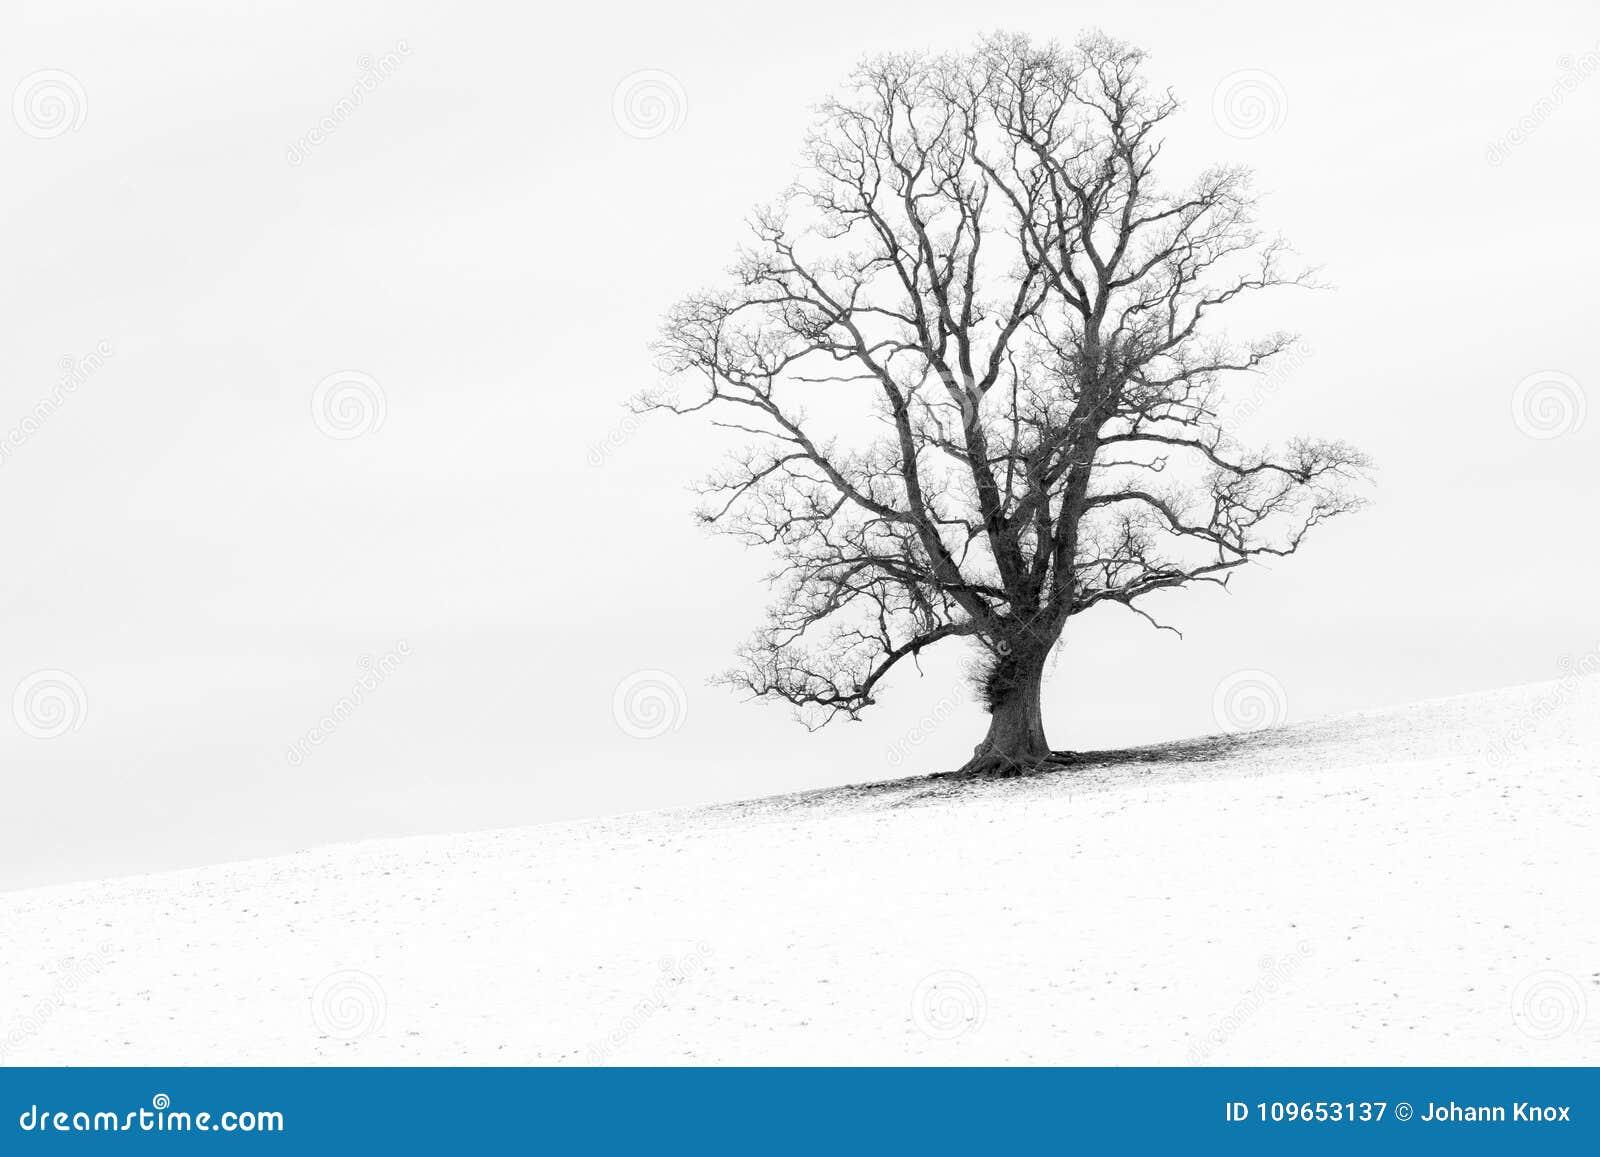 Одиночное дерево в снег-белом ландшафте английского языка